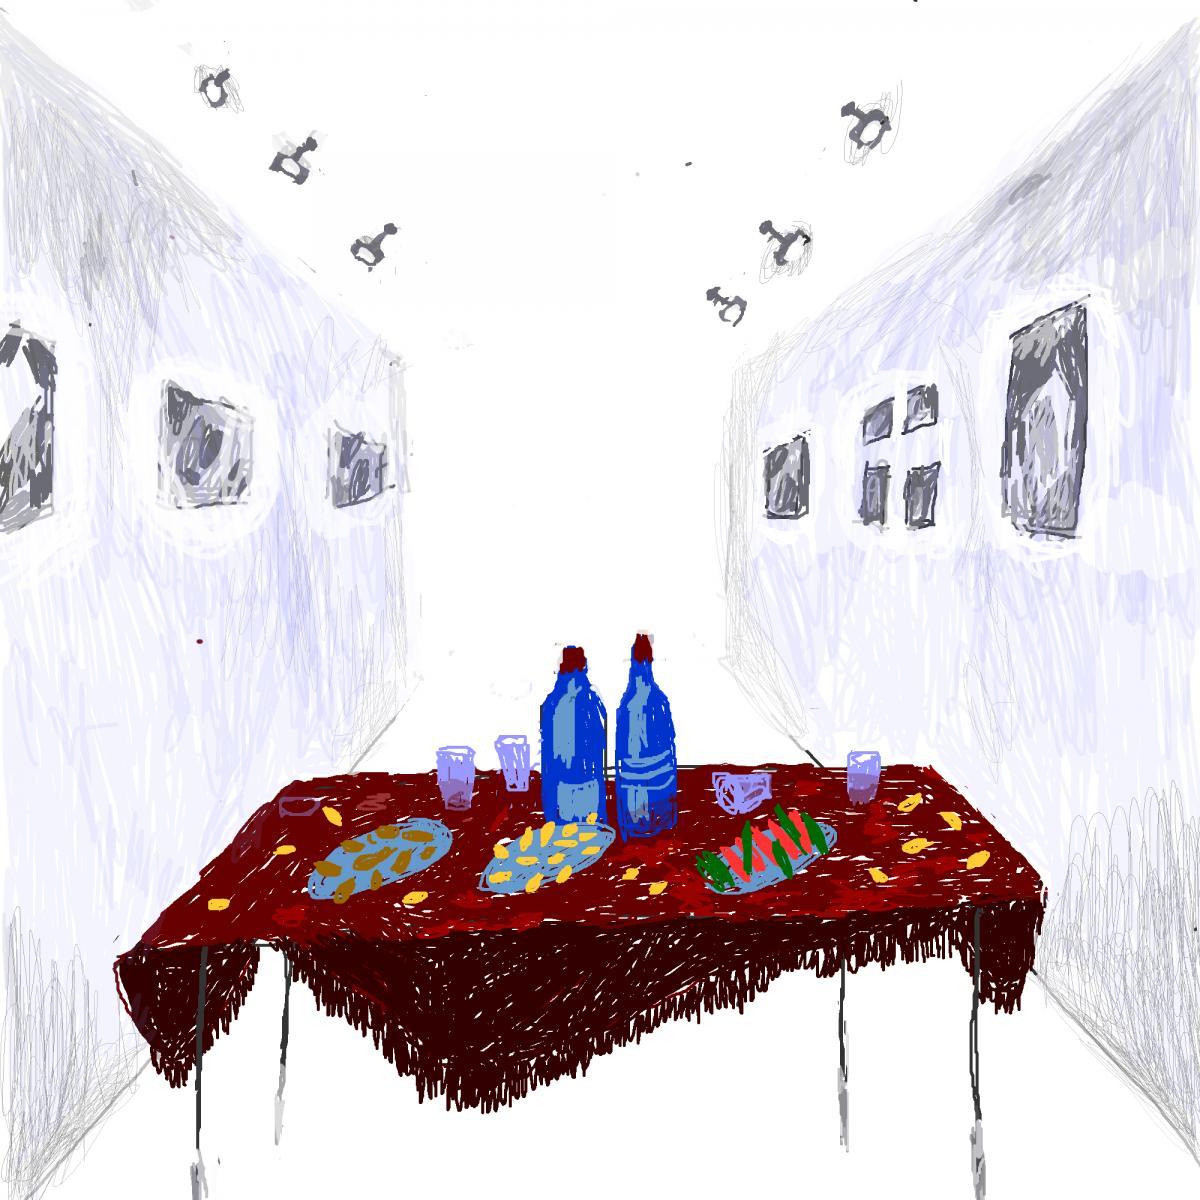 תגובה לאירוע הפתיחה של תערוכת העשור בגלריה יאיר